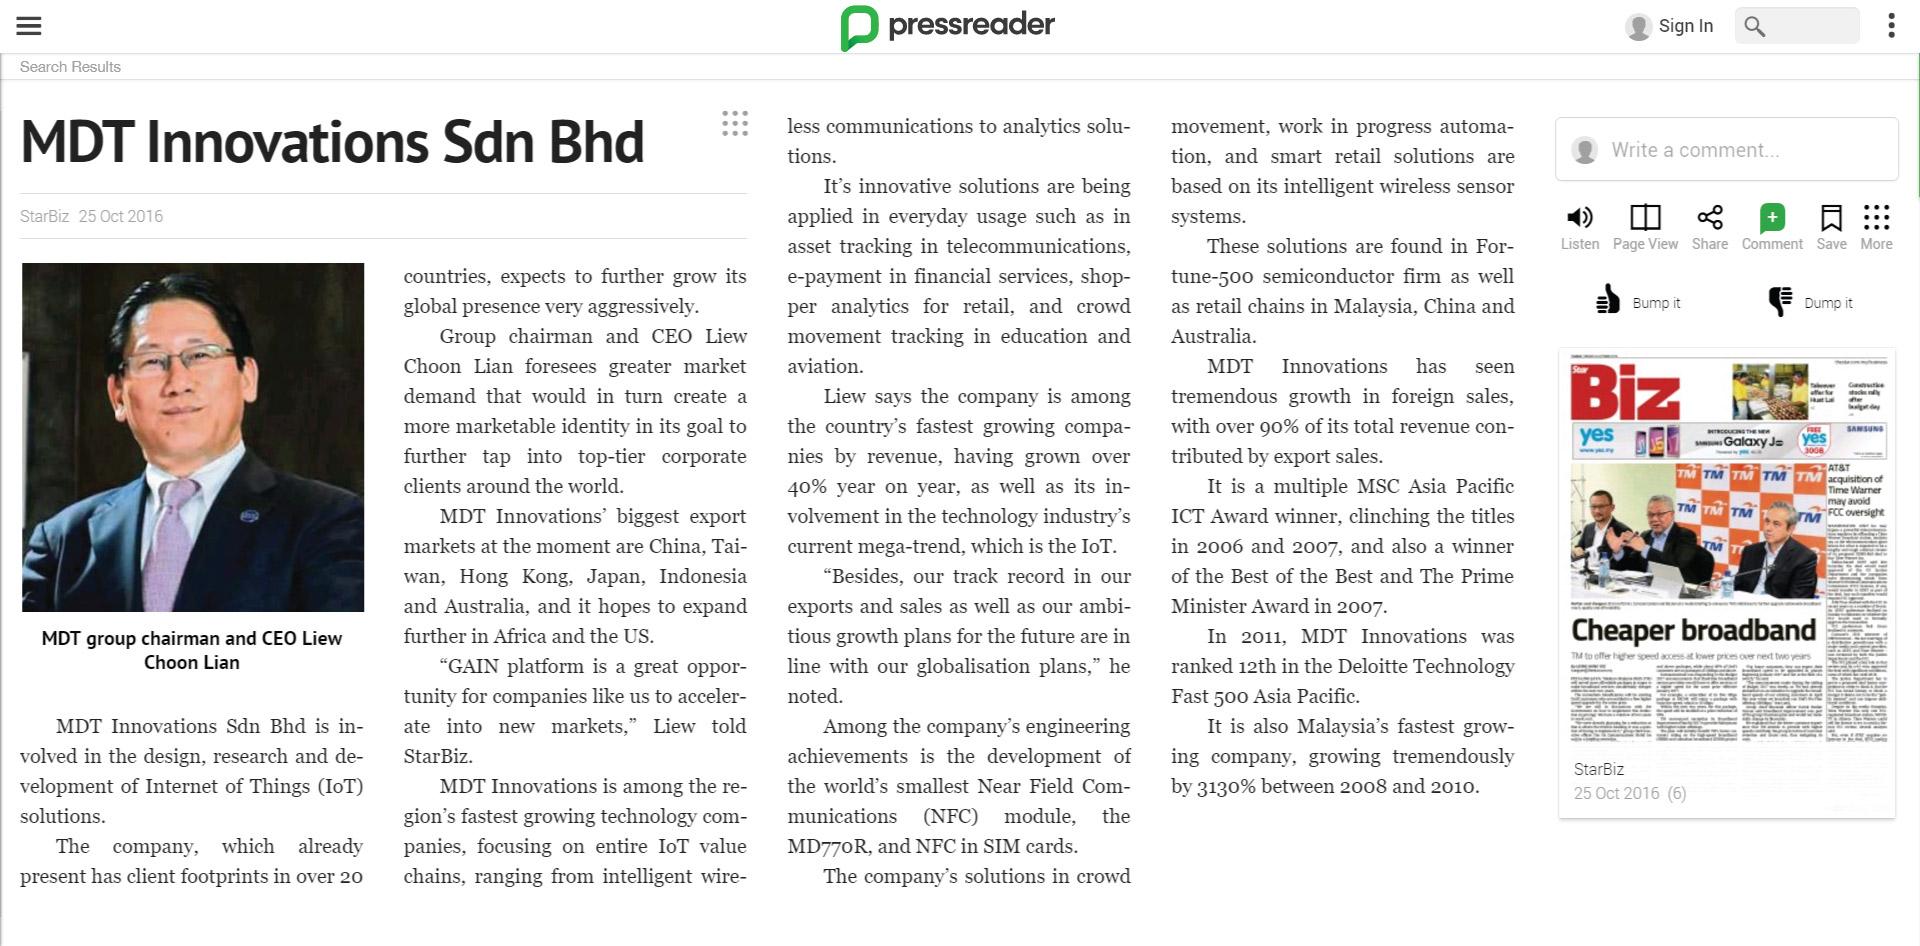 pressreader-MDT